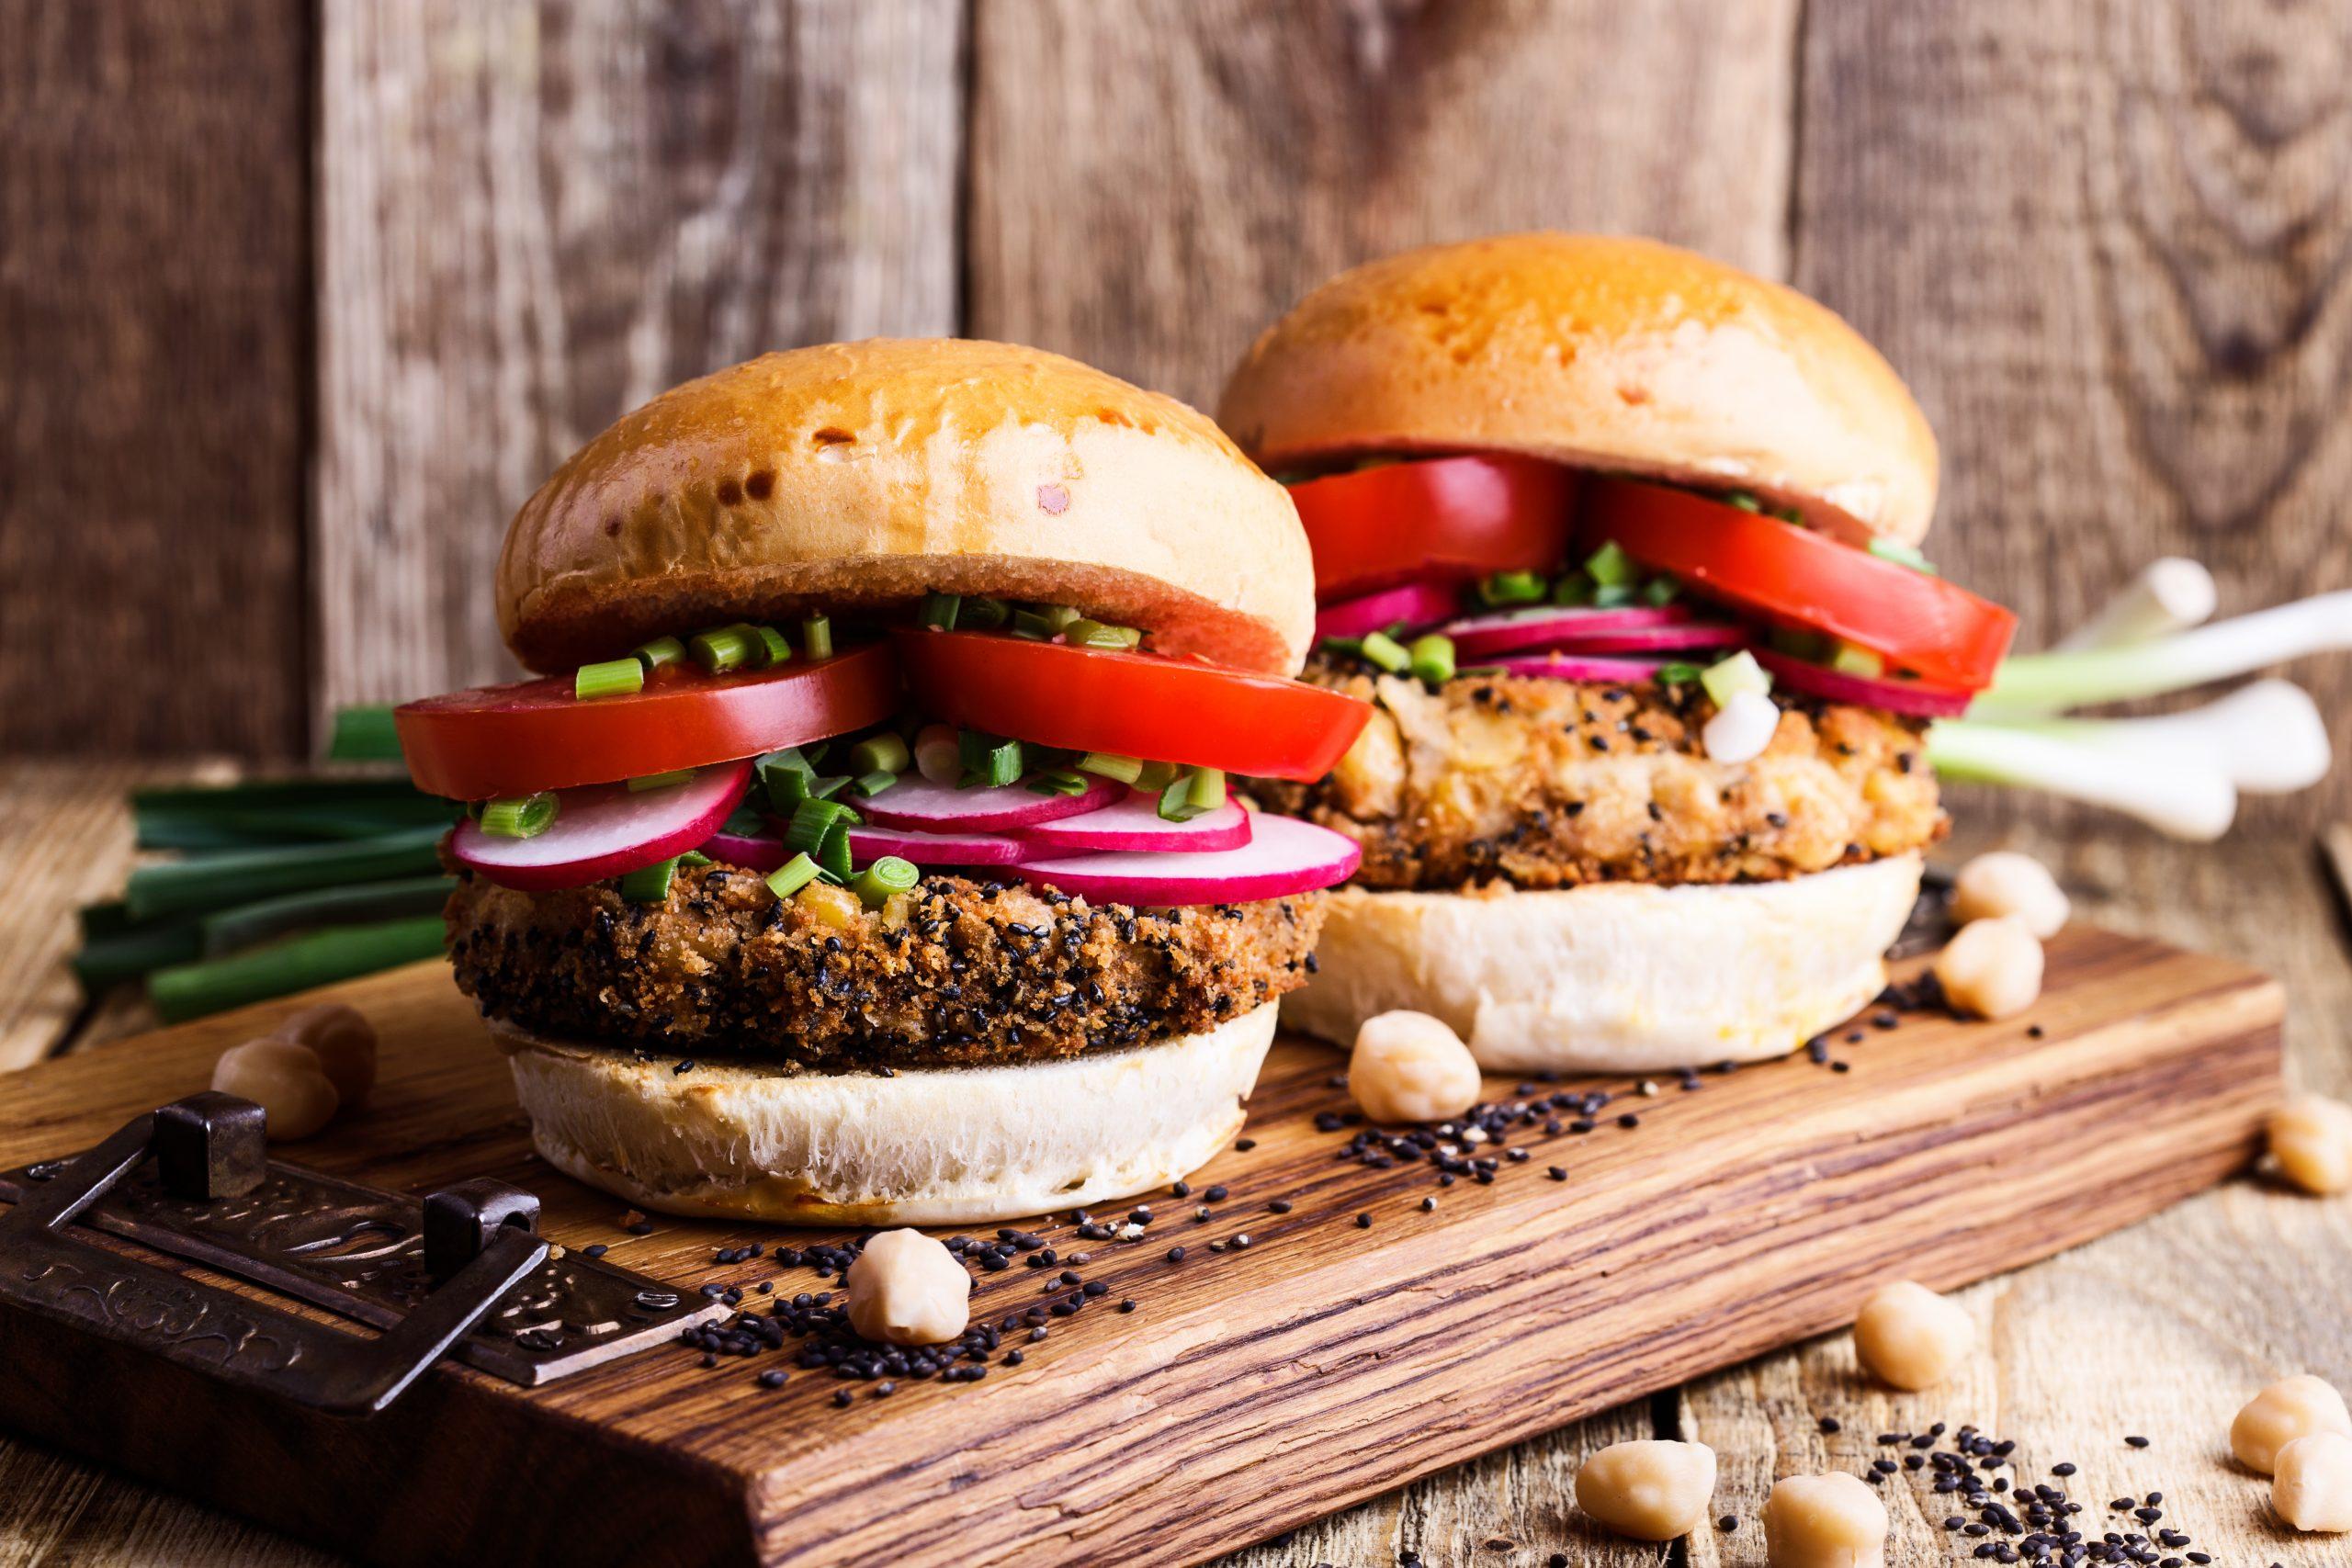 PETA Vegan Food Awards